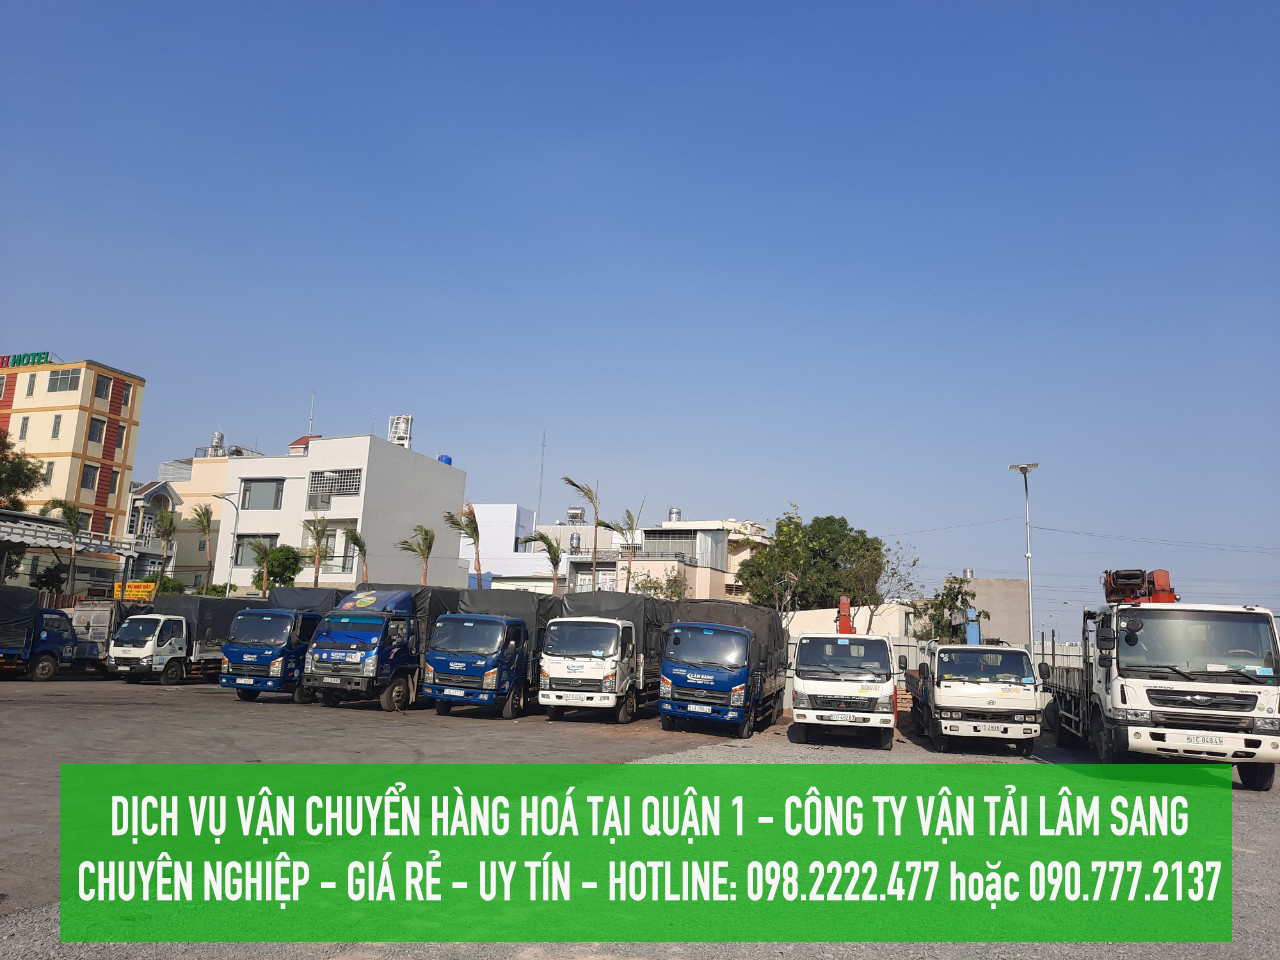 Dịch vụ vận chuyển hàng hoá Quận 1 GIÁ RẺ - Lâm Sang